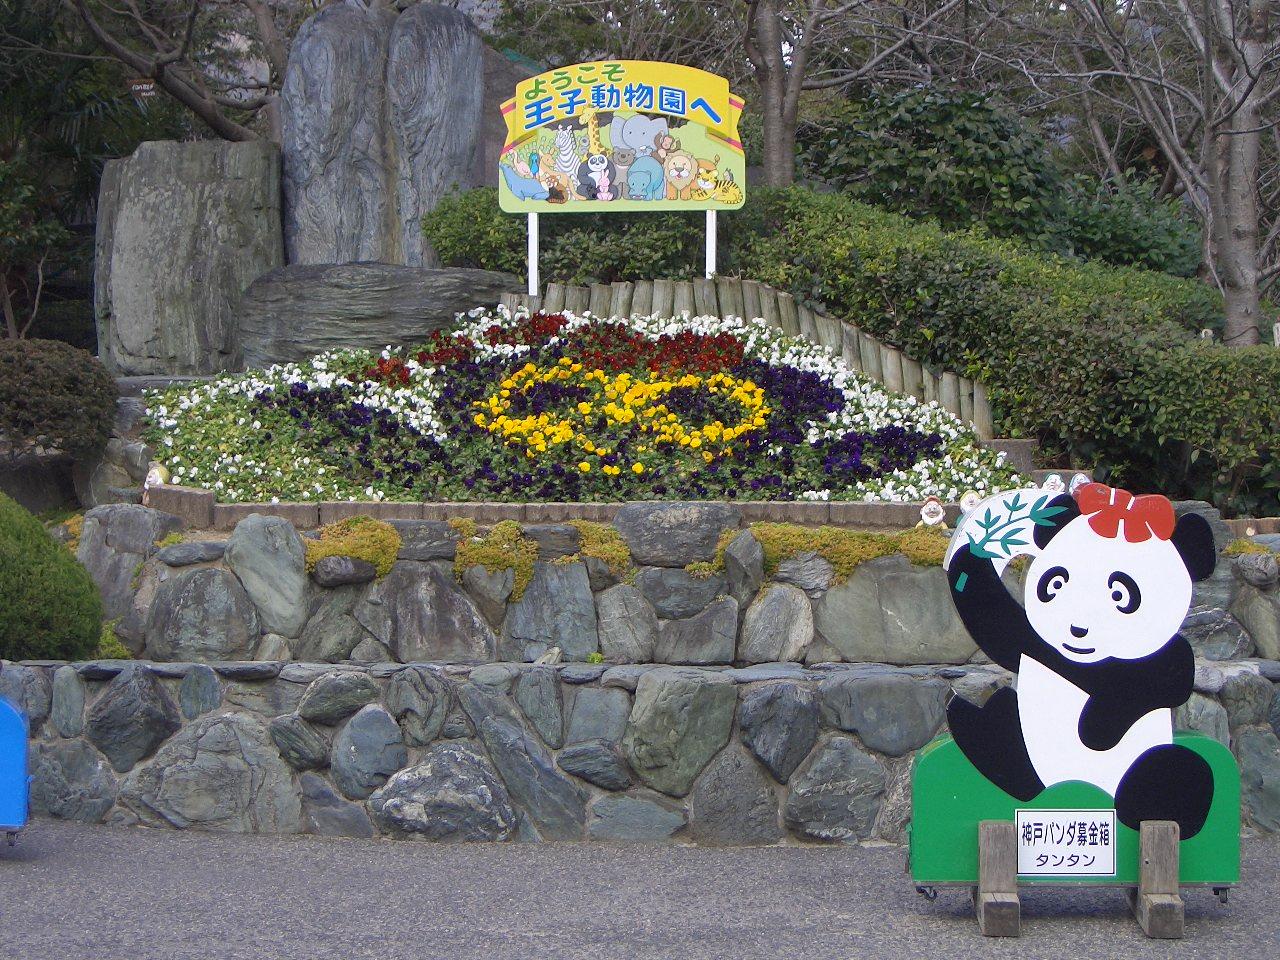 2009.2.21王子動物園 007.jpg